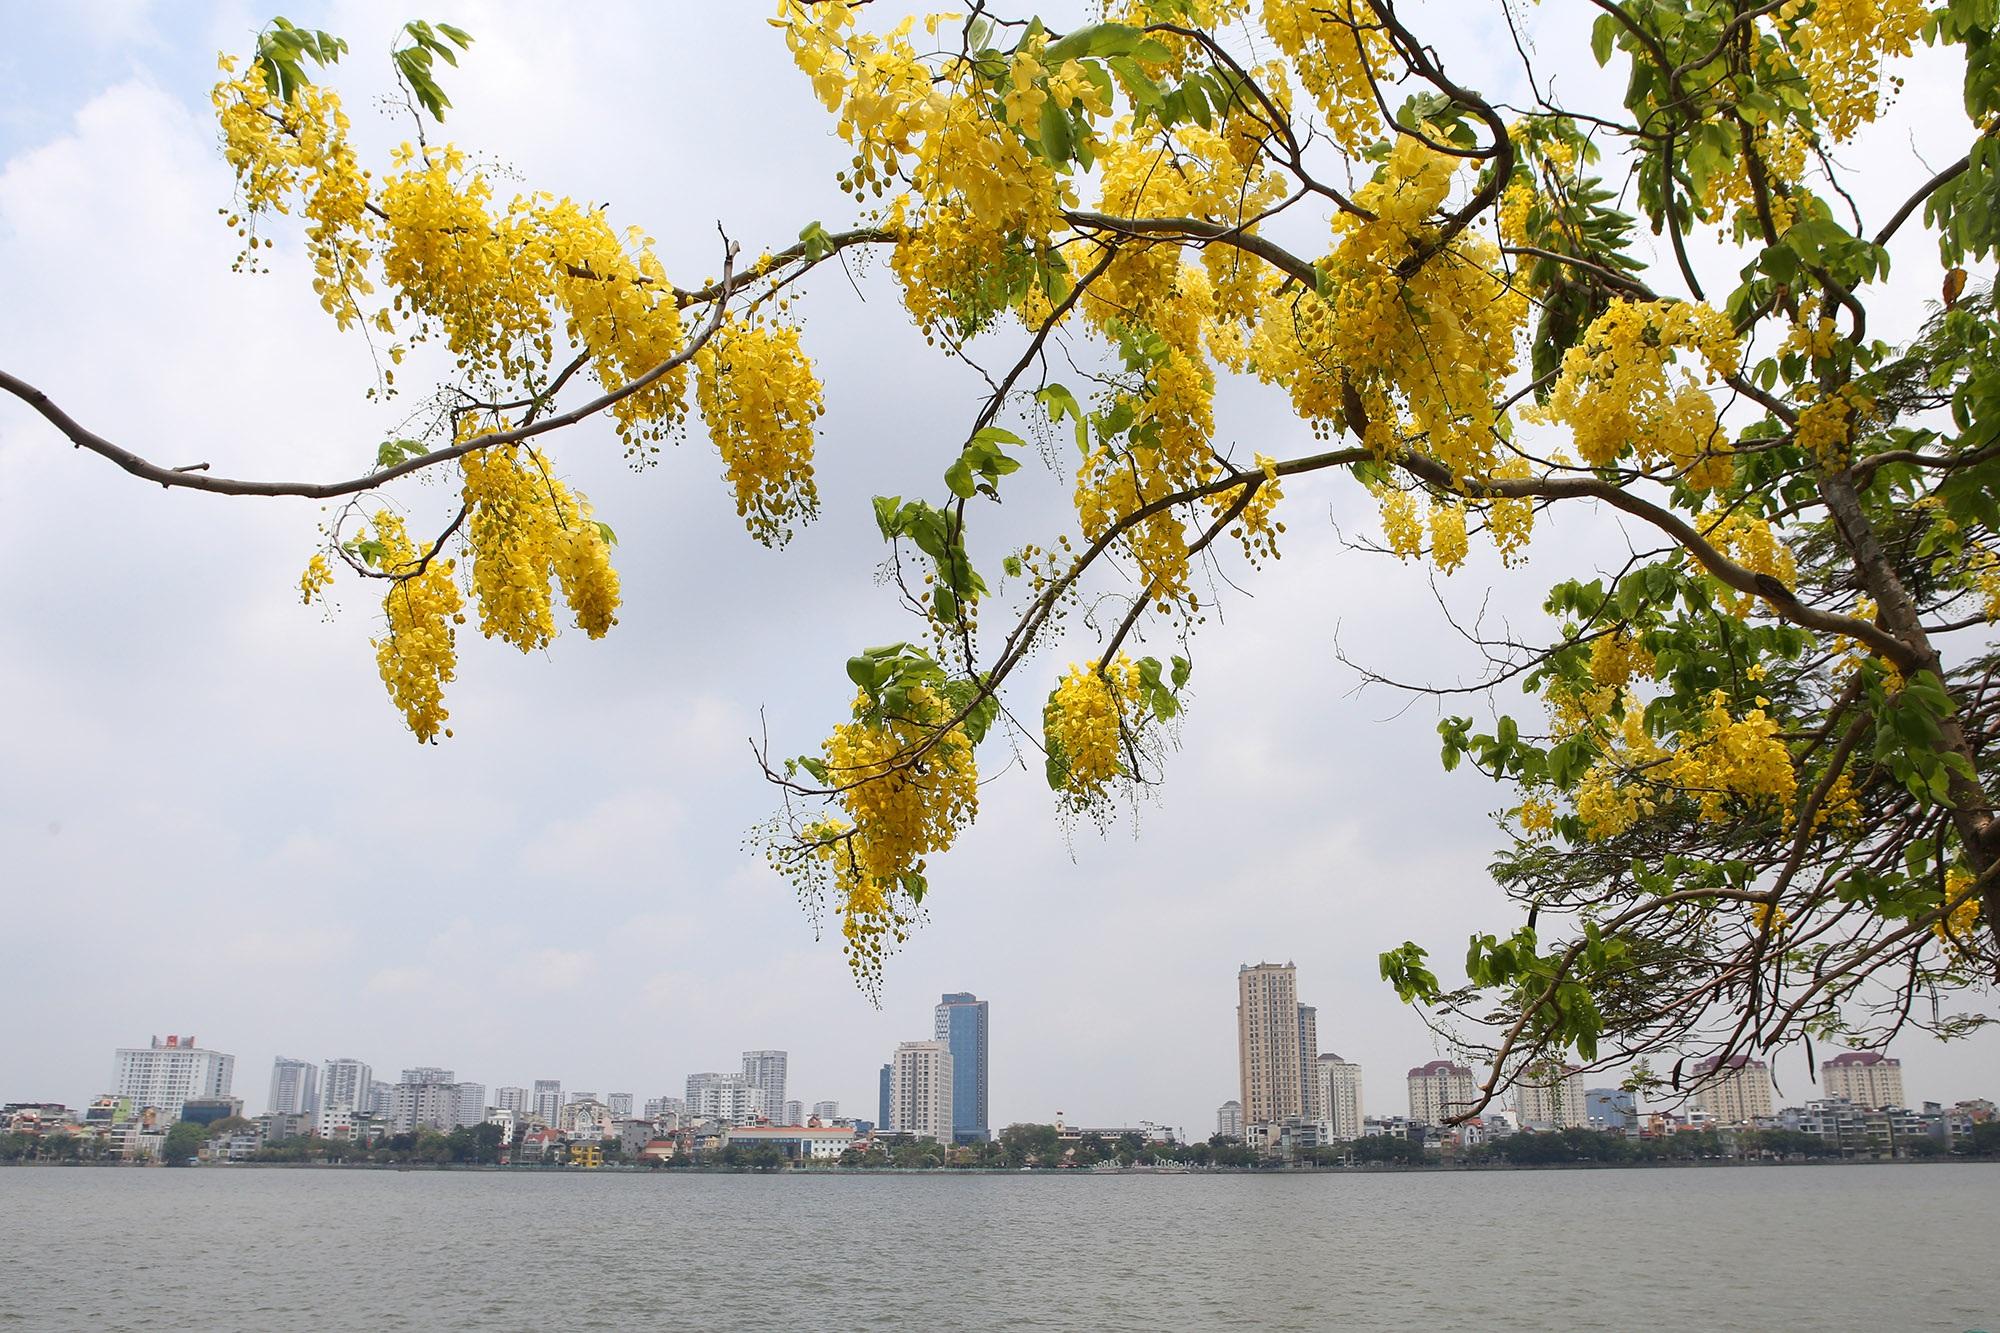 Hồ Tây thơ mộng trong sắc hoa muồng hoàng yến - 5